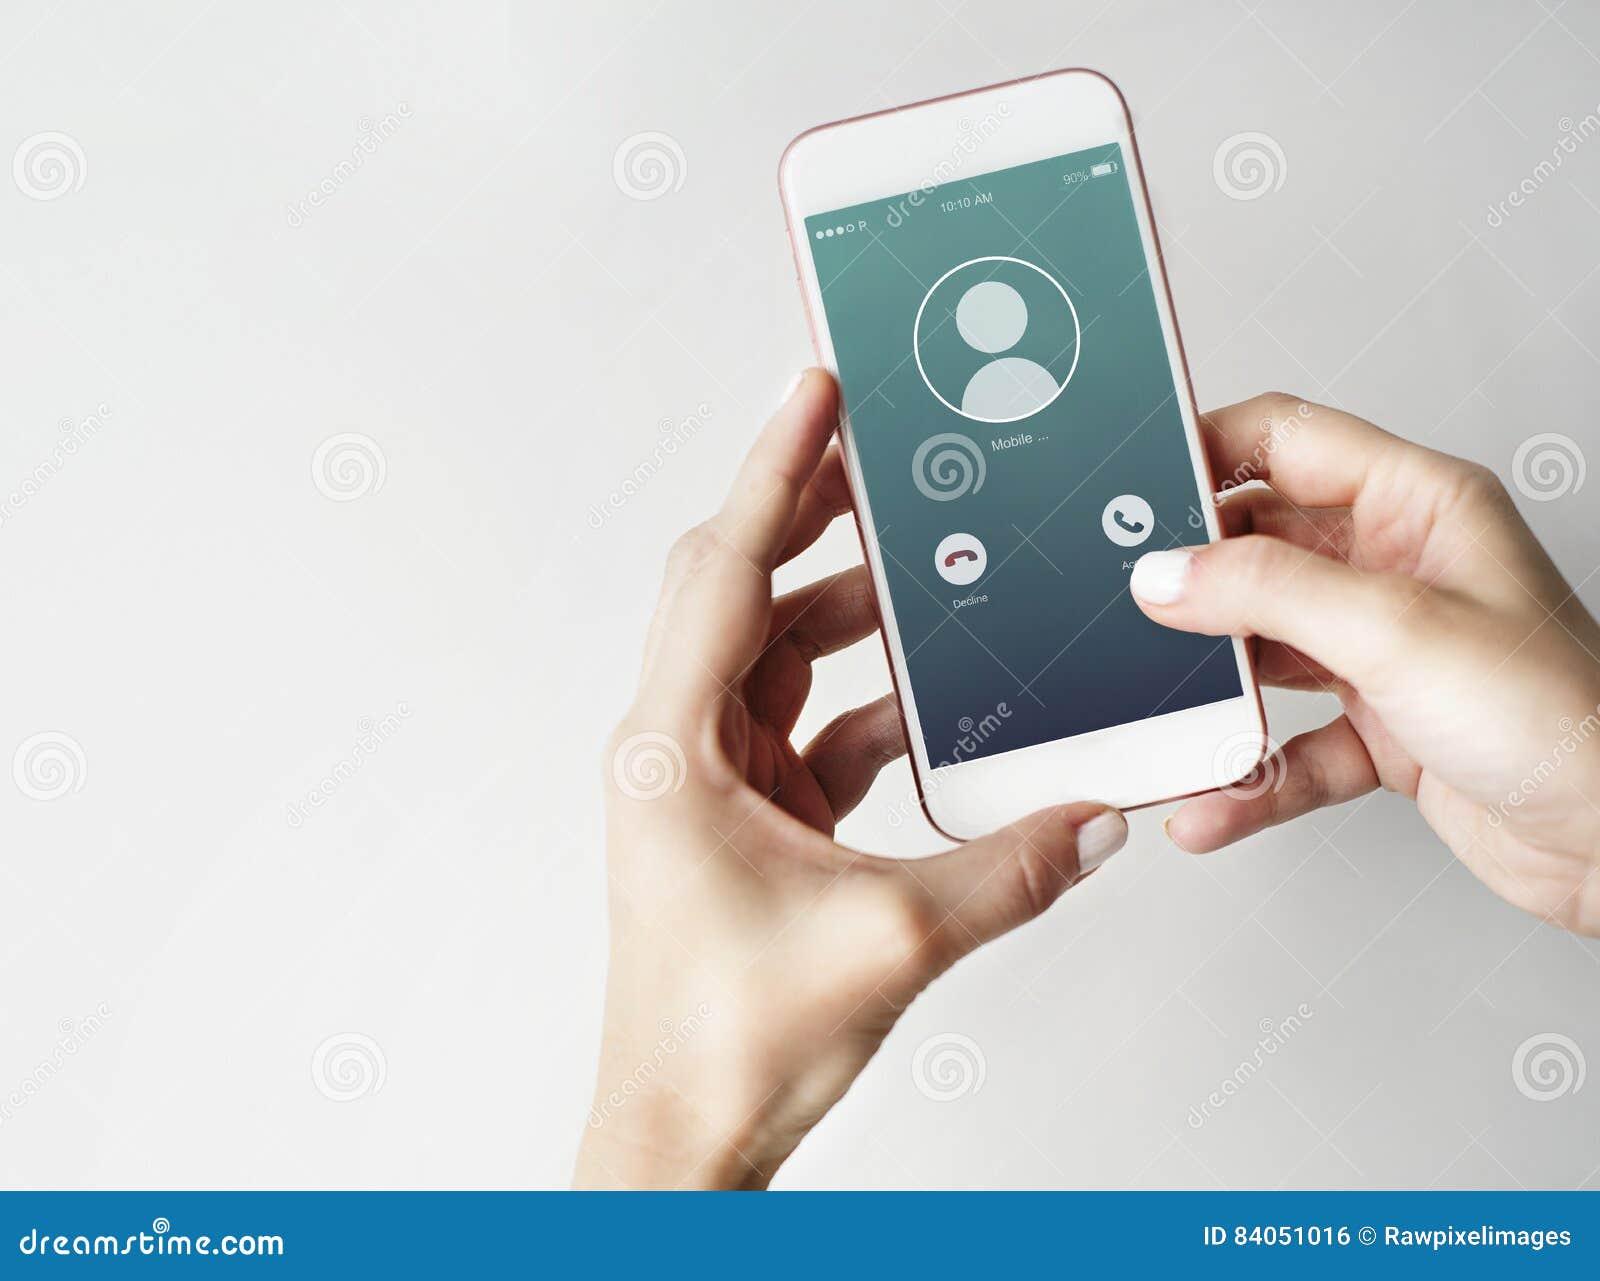 come rispondere a un messaggio online dating